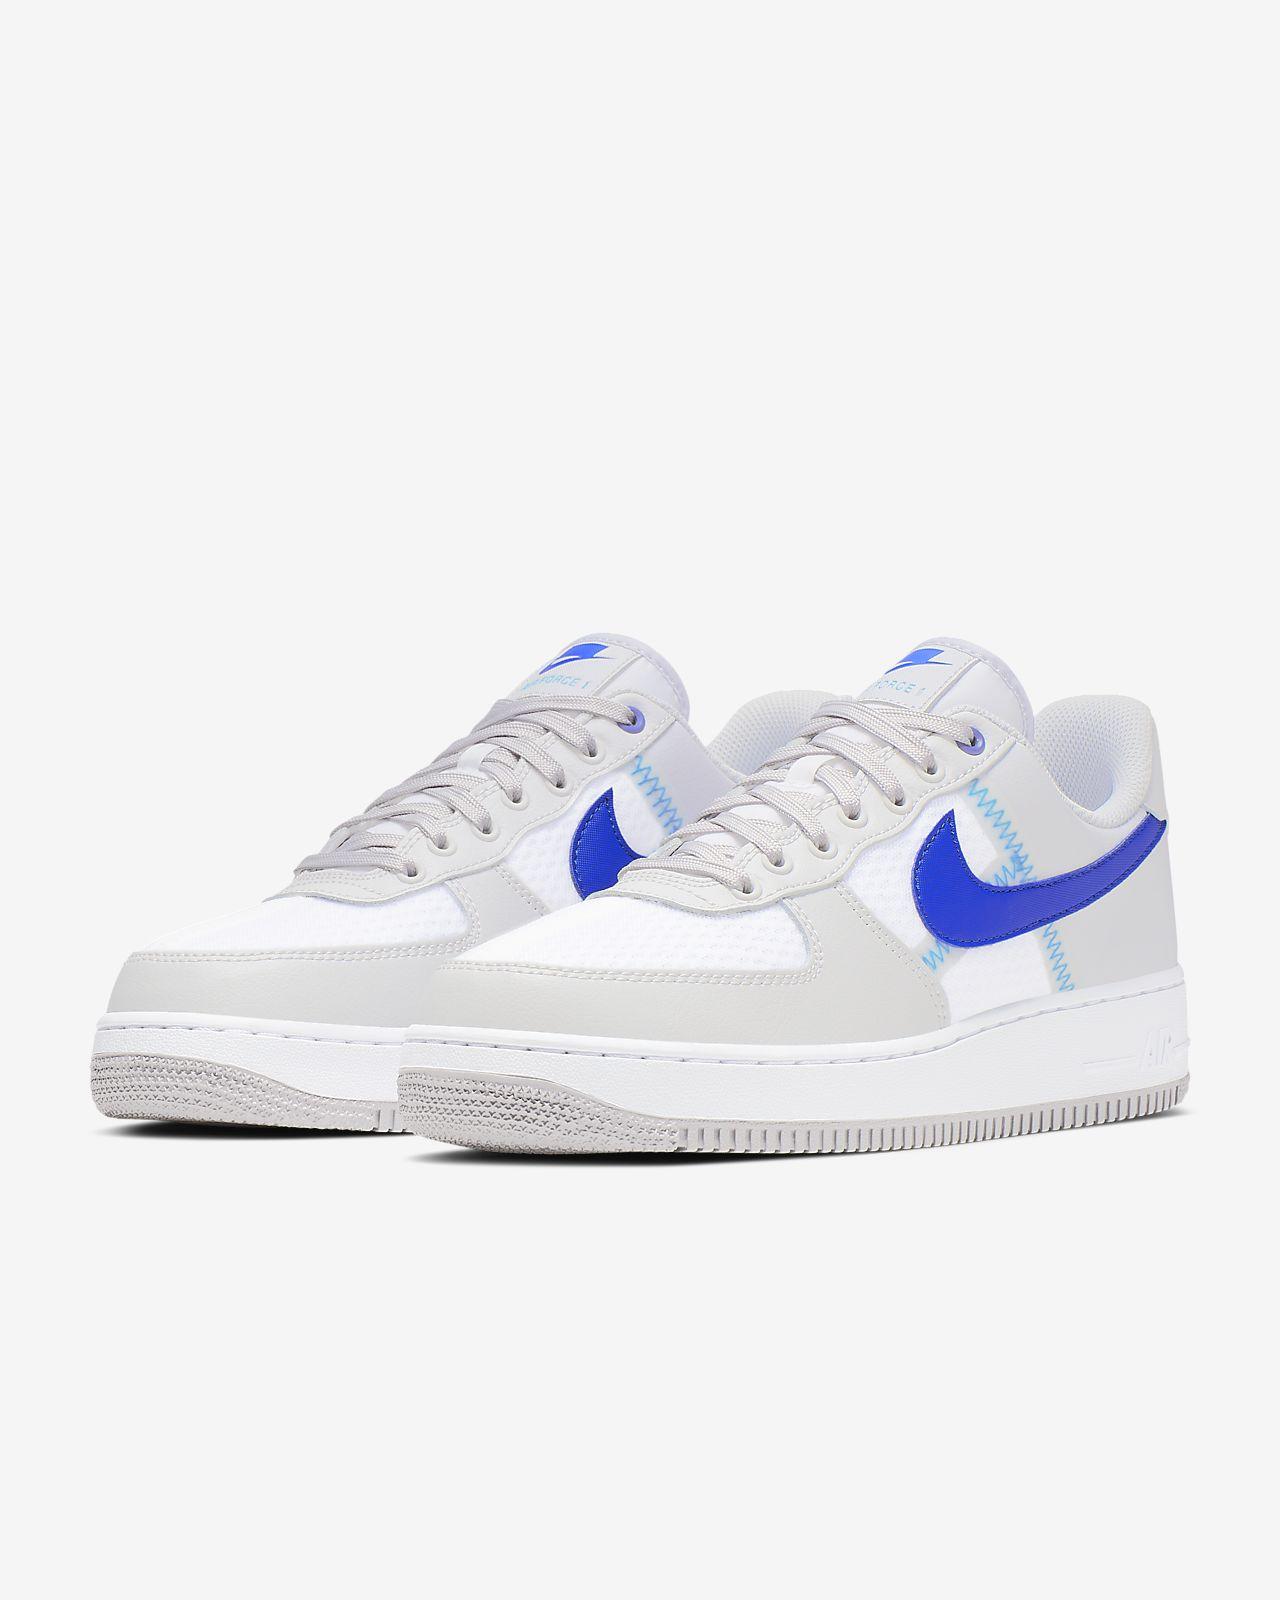 Lv8 Air Shoe Force Nike 1 Men's '07 XZuikOP